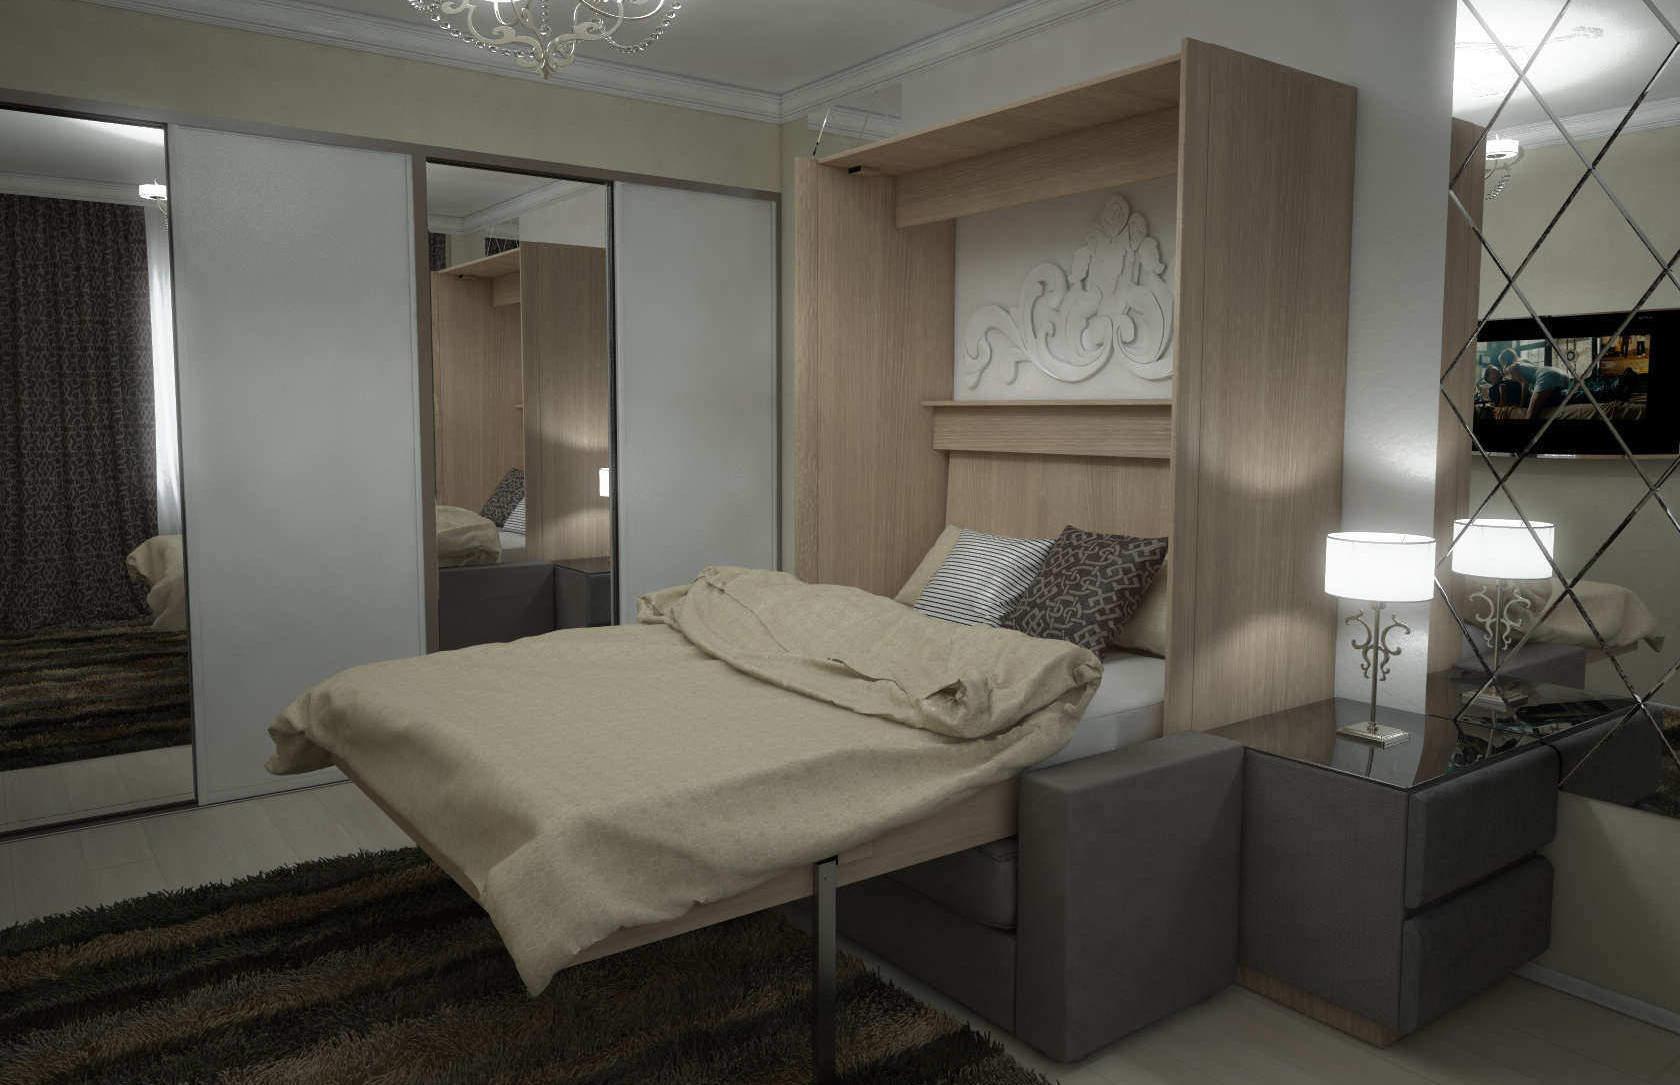 Комплект с подъёмной кроватью и диваном «Соло» недорого